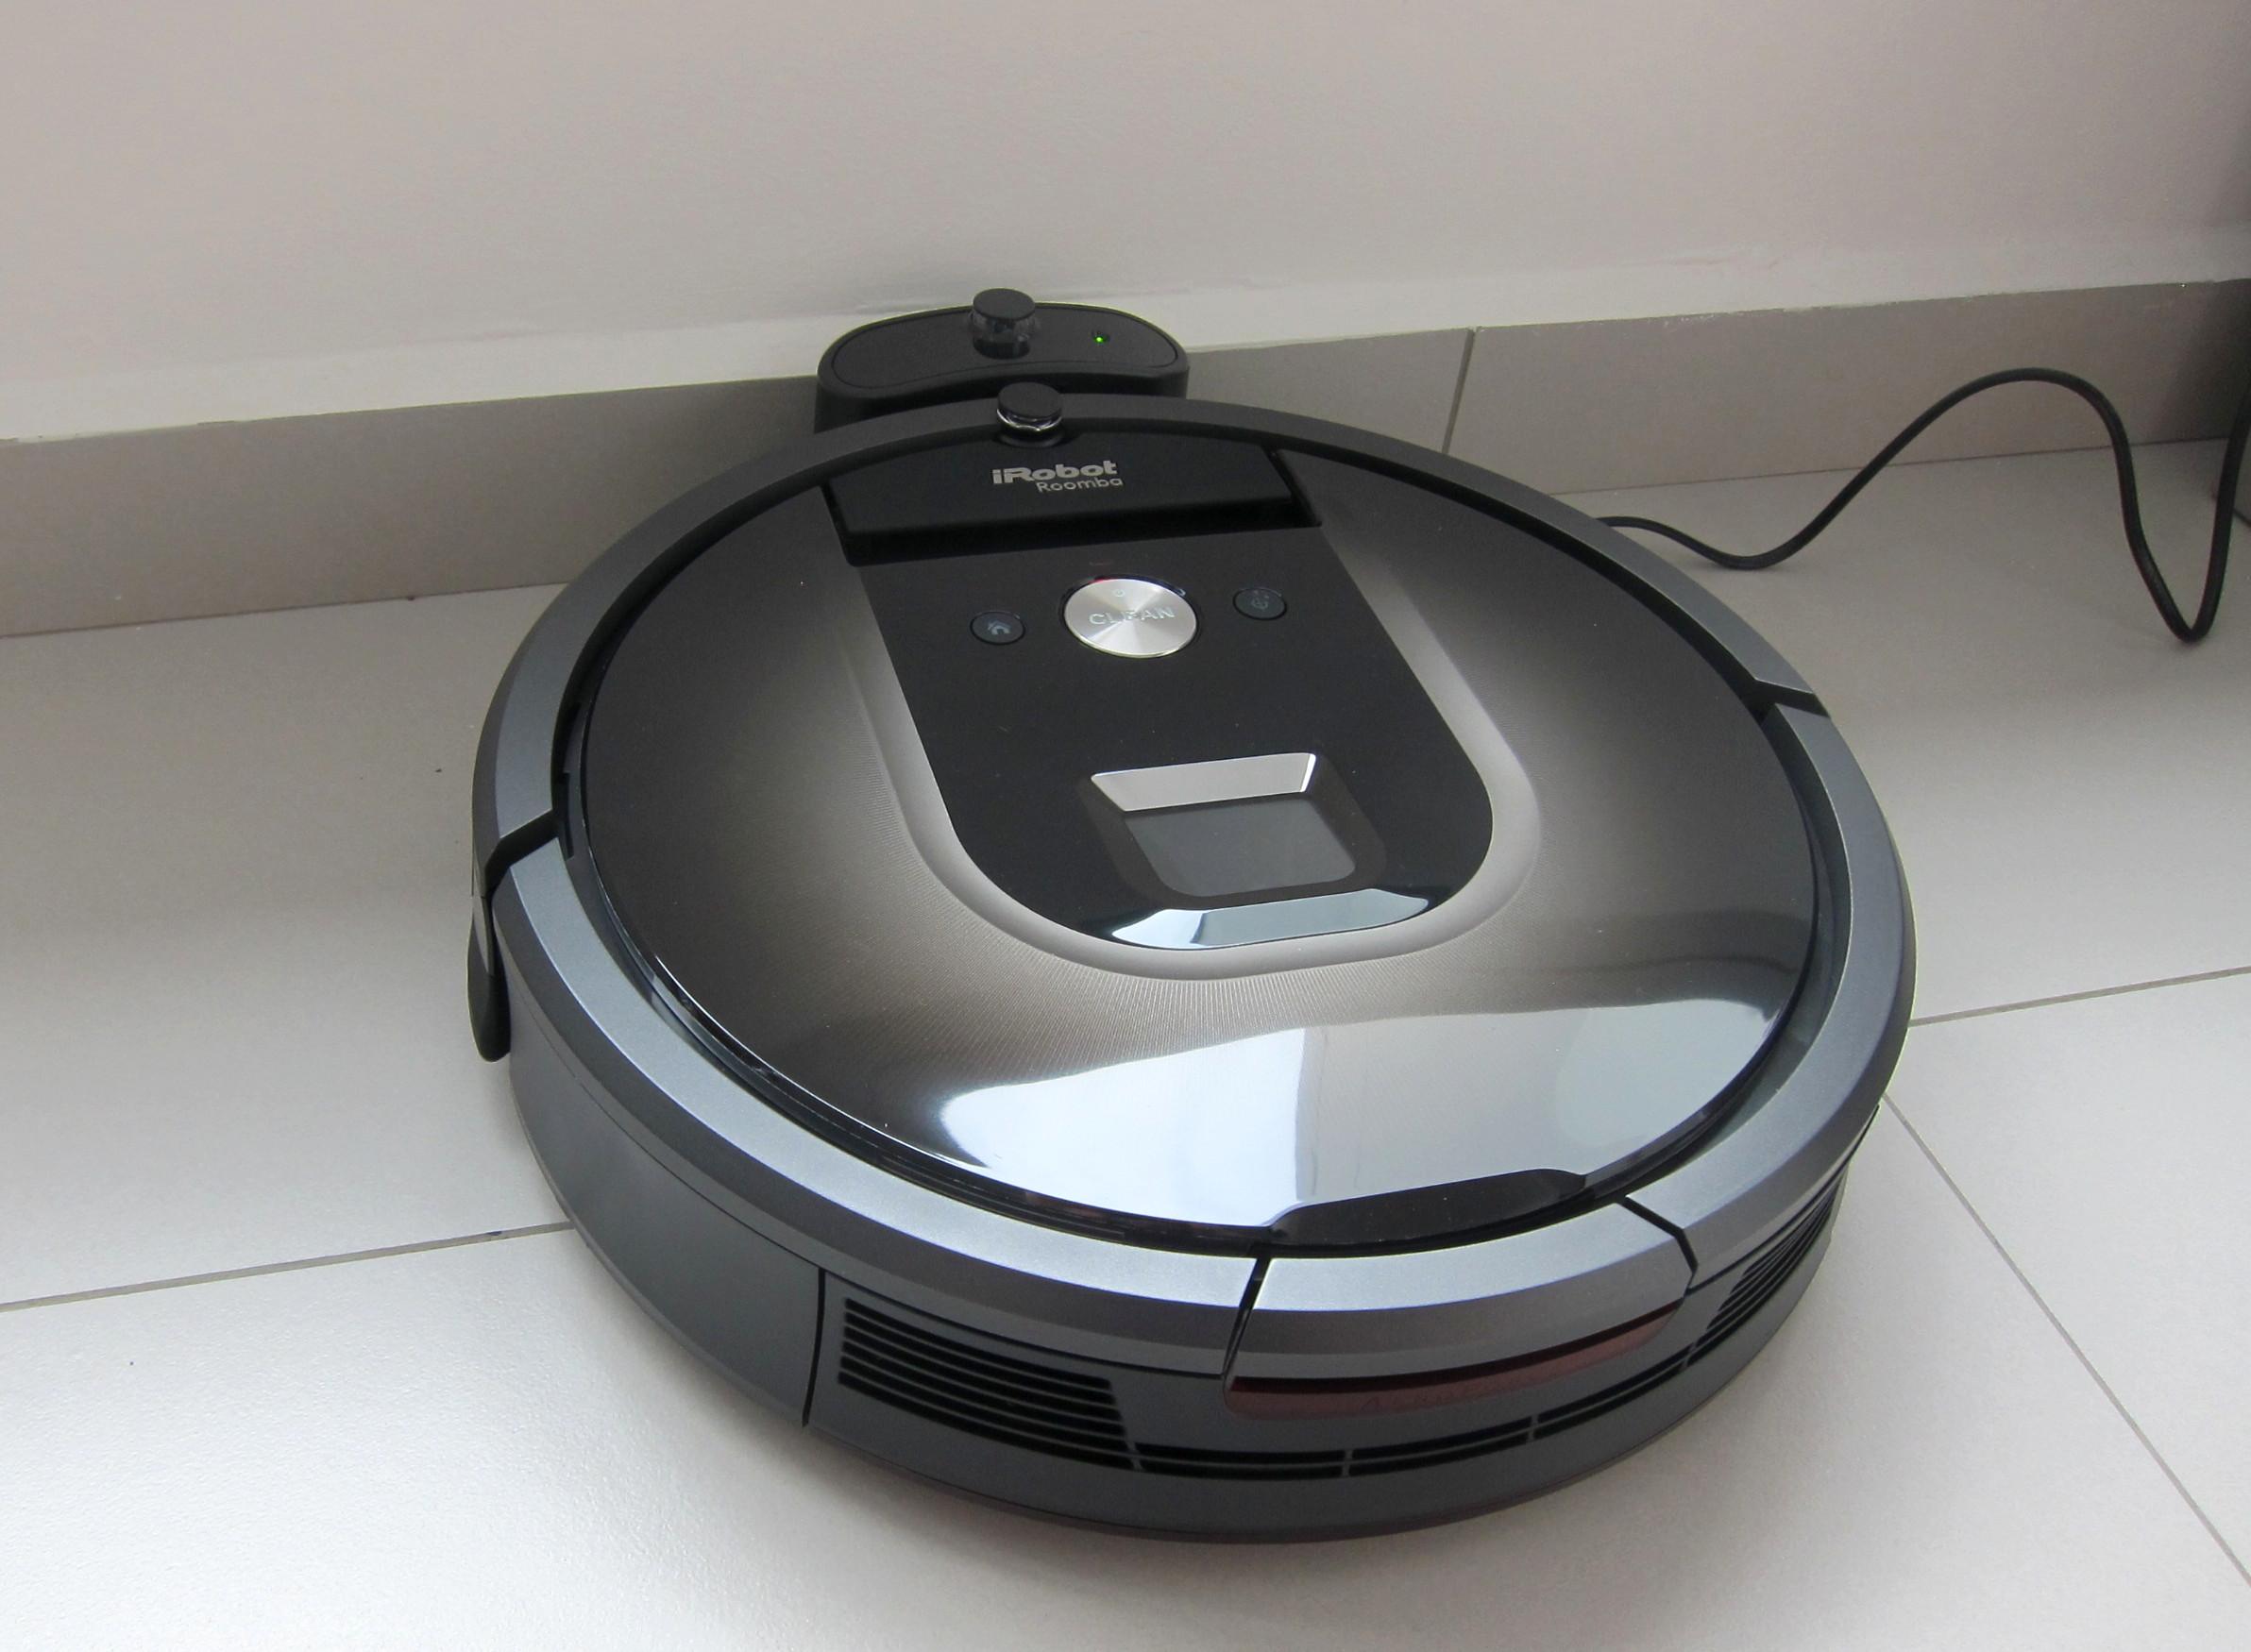 Какой пылесос робот лучше купить для квартиры